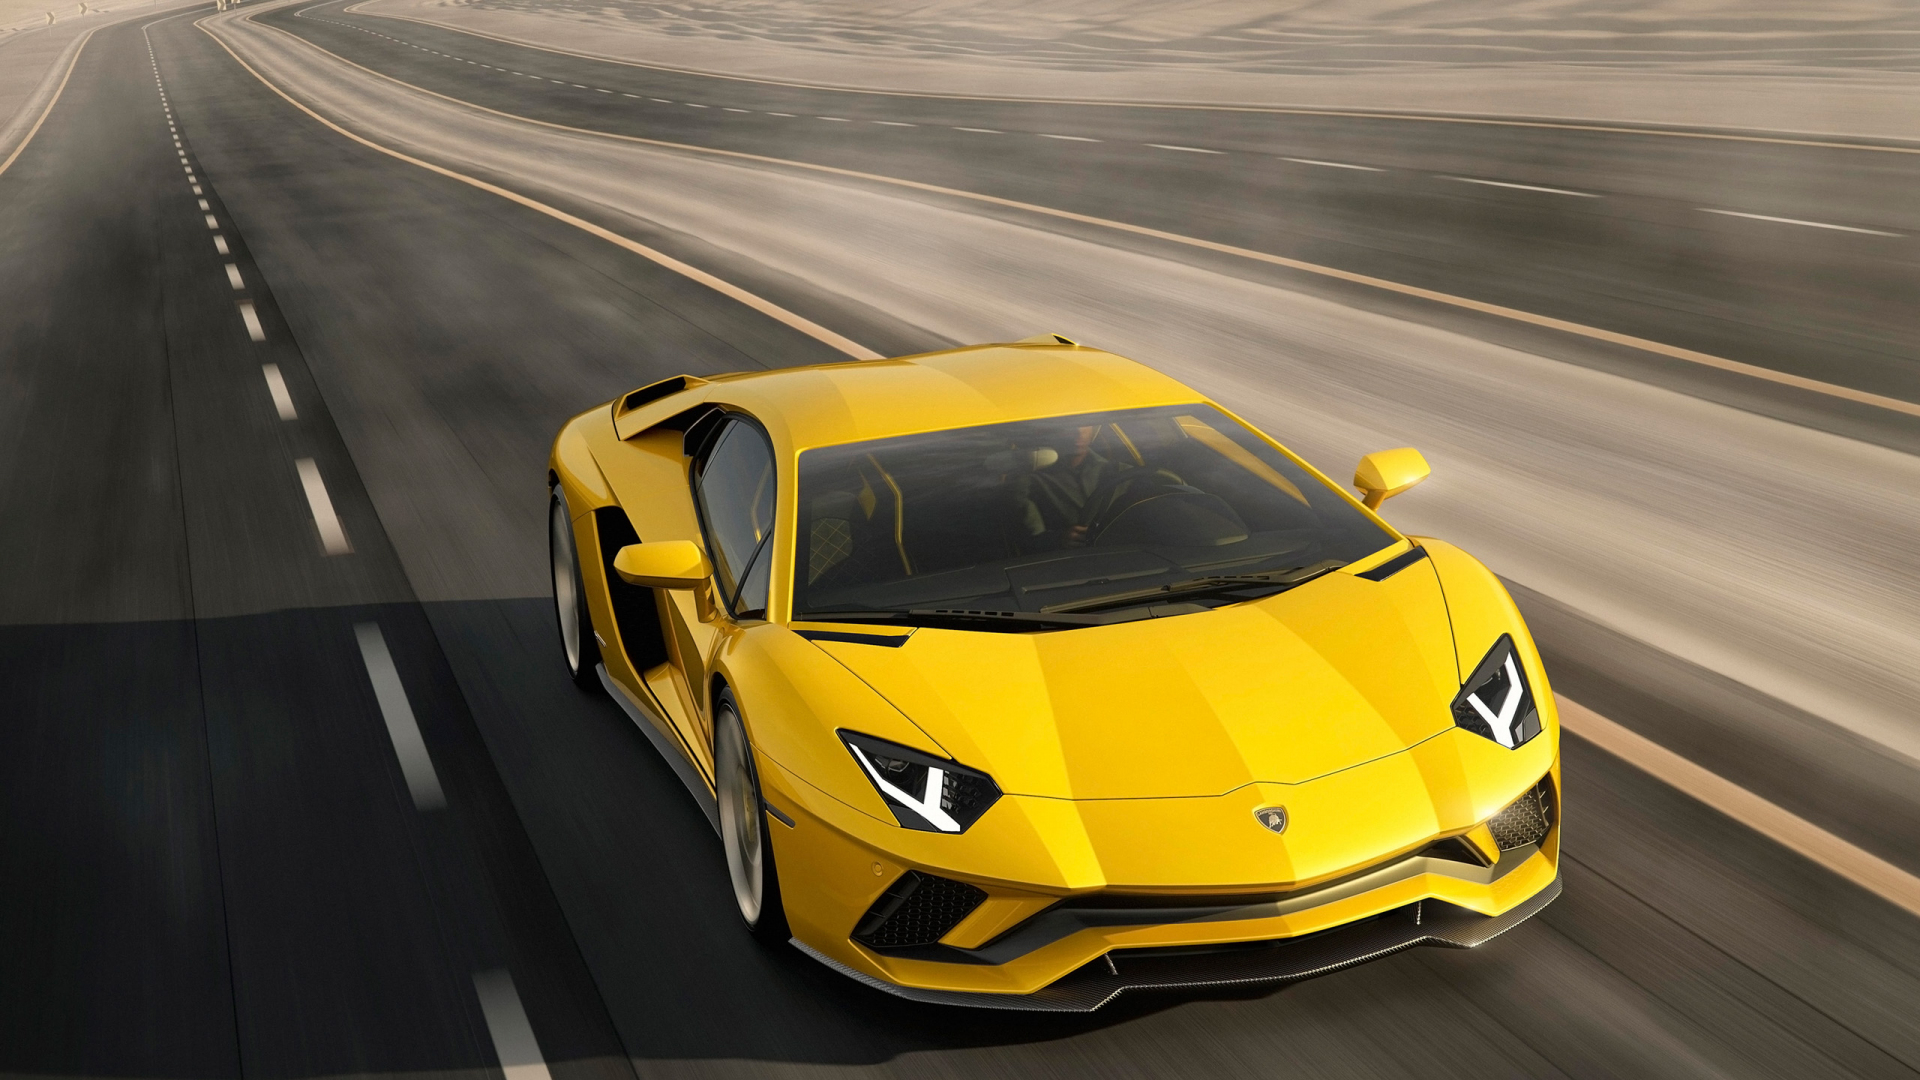 желтый спортивный автомобиль Lamborghini Aventador yellow sports car загрузить